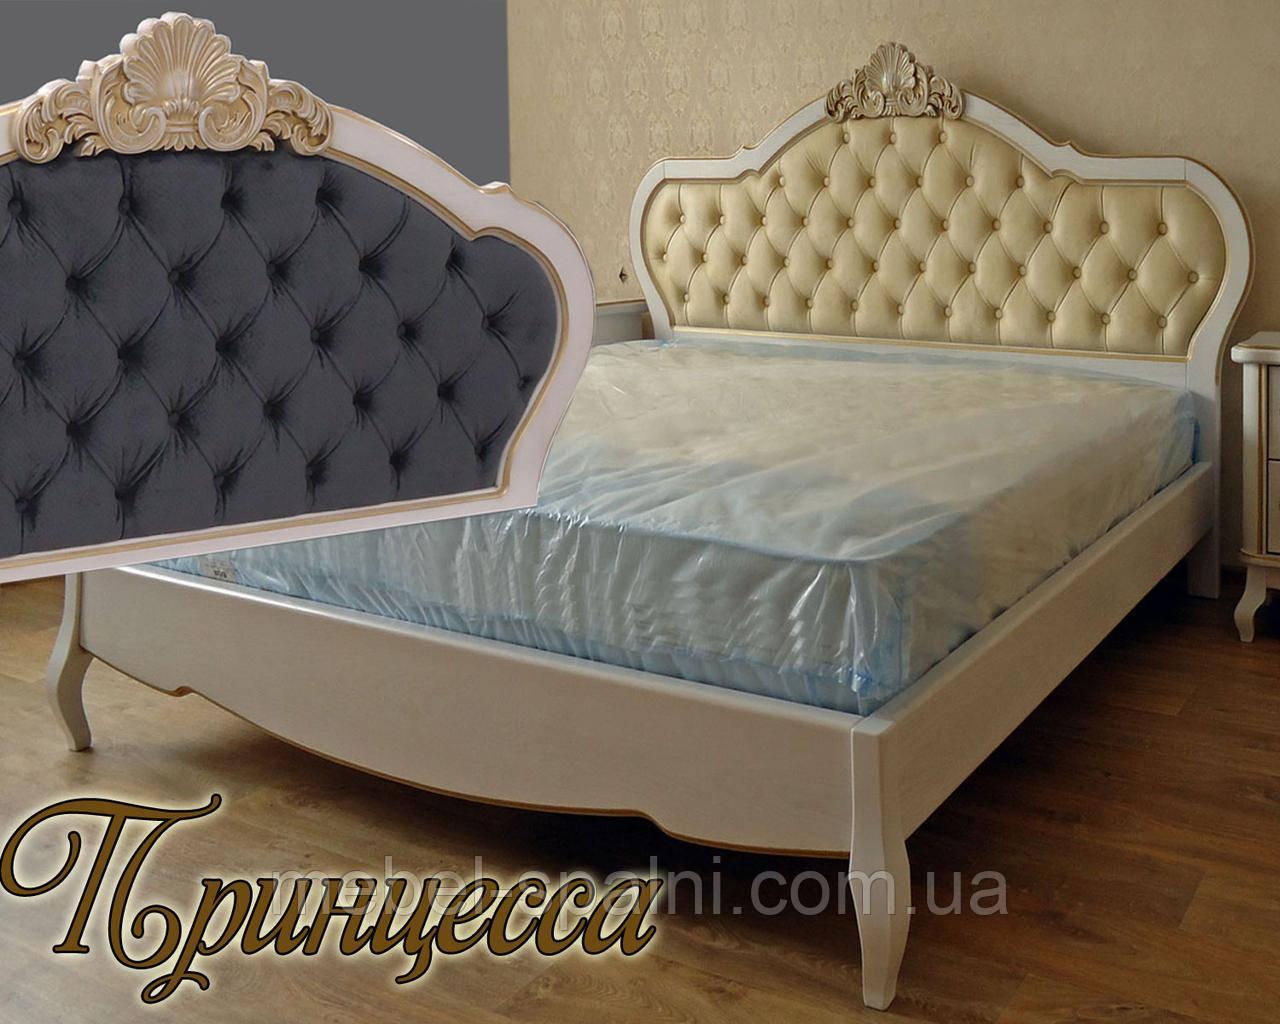 Кровать полуторная «Принцесса»